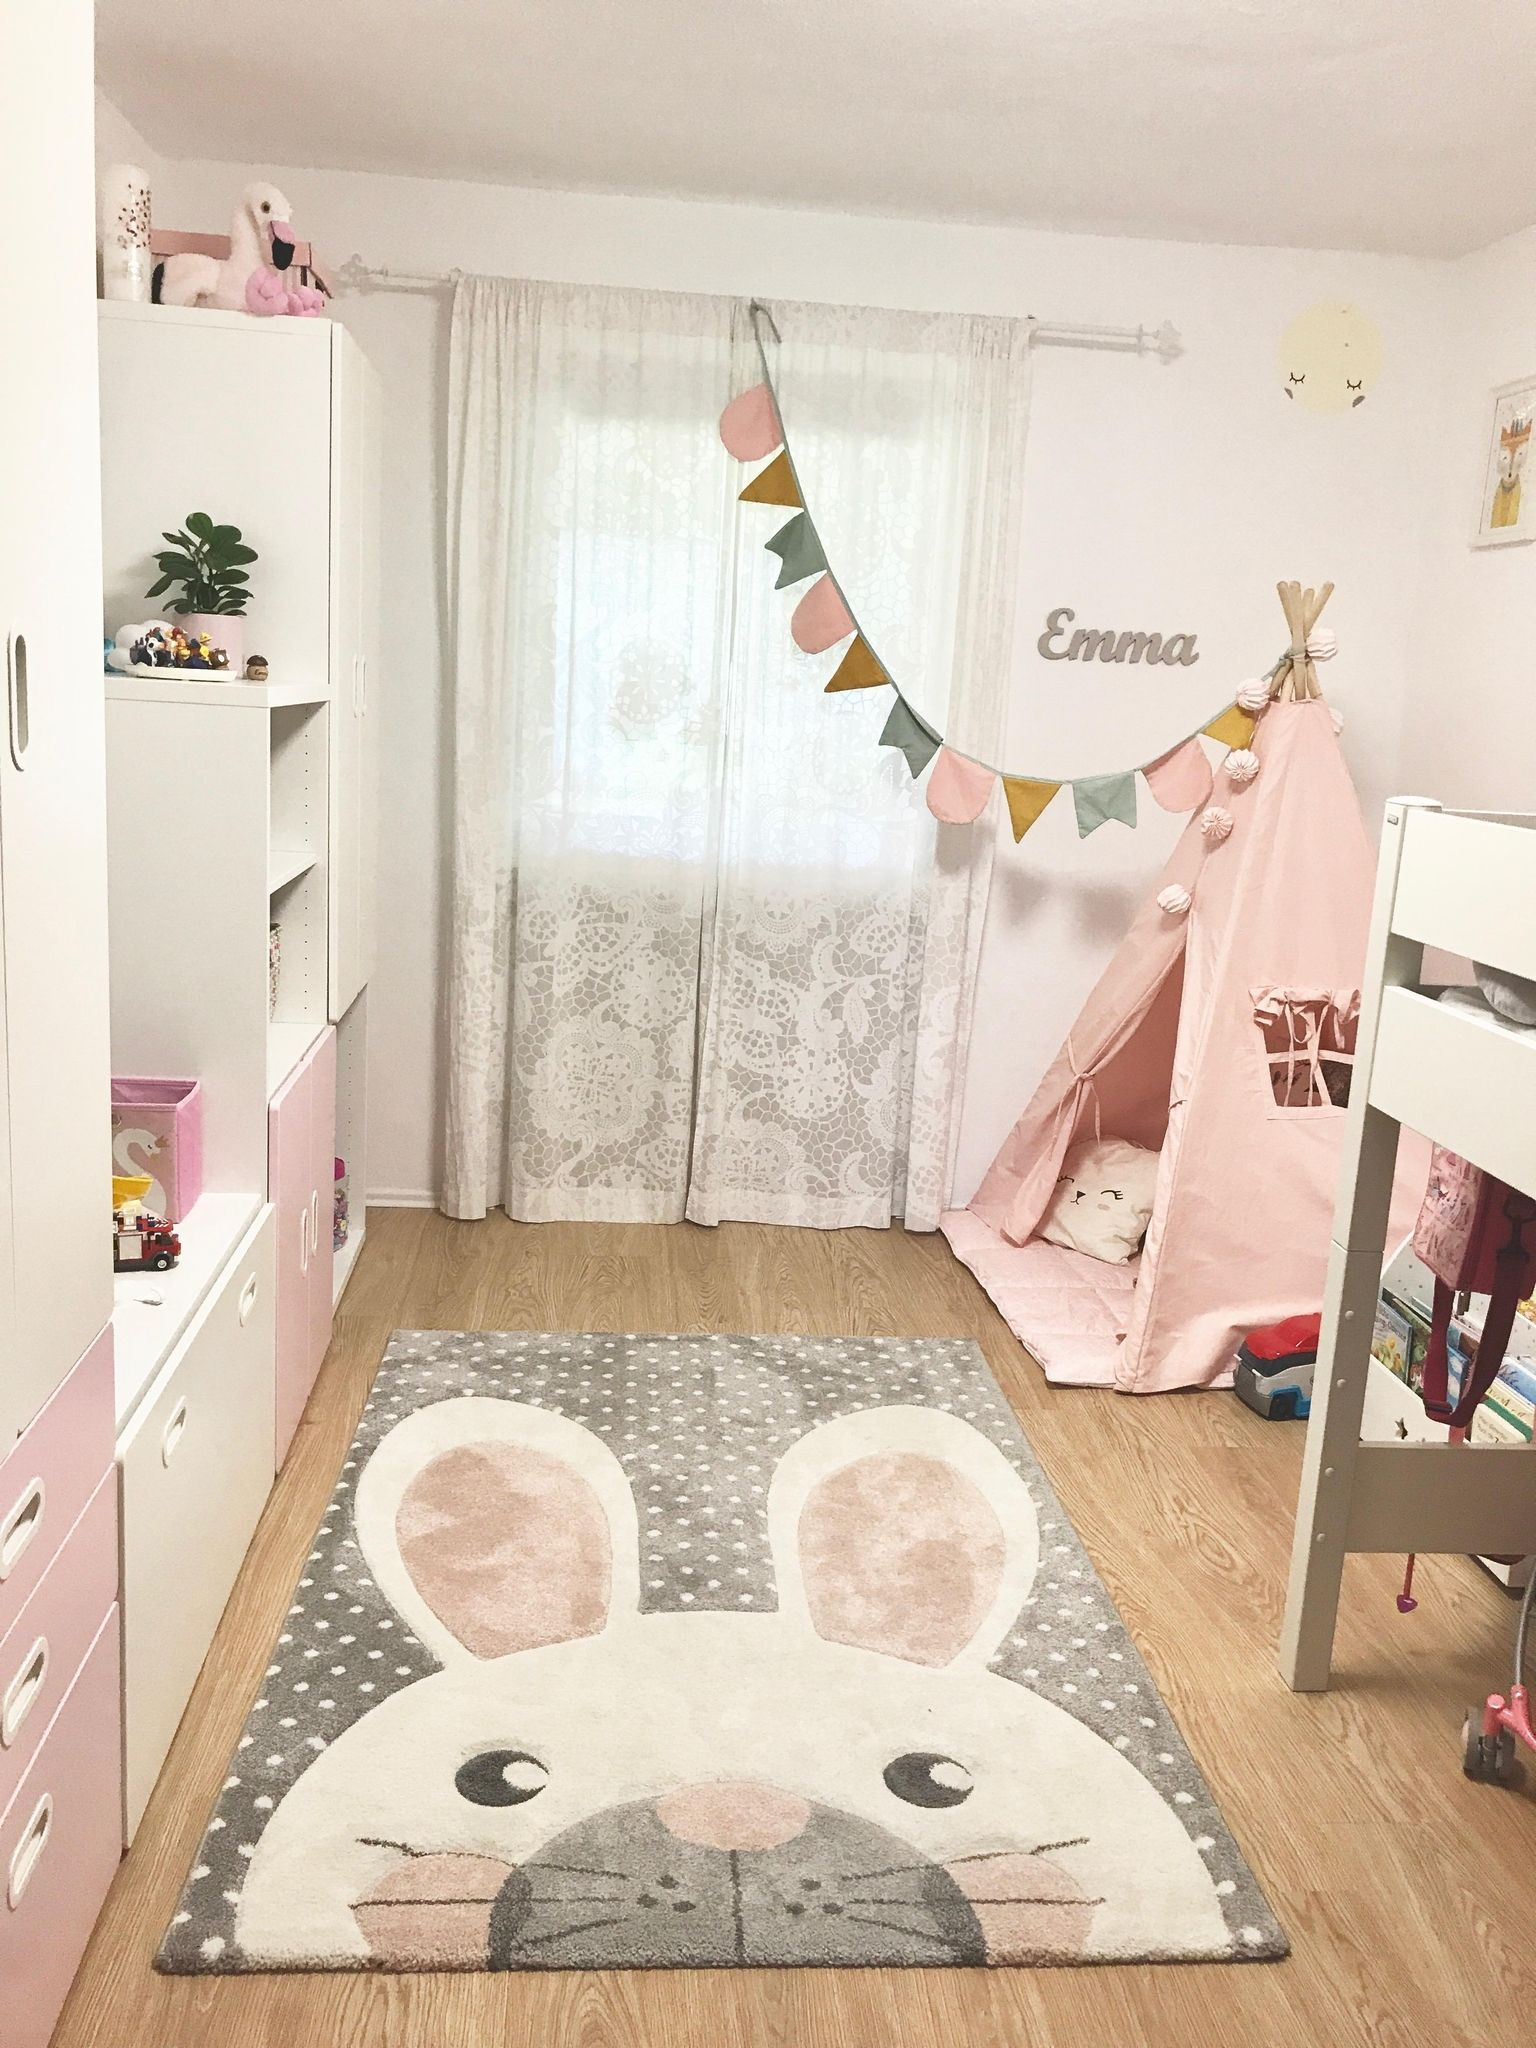 Bett Design 24 Super Ideen für Kinderzimmer